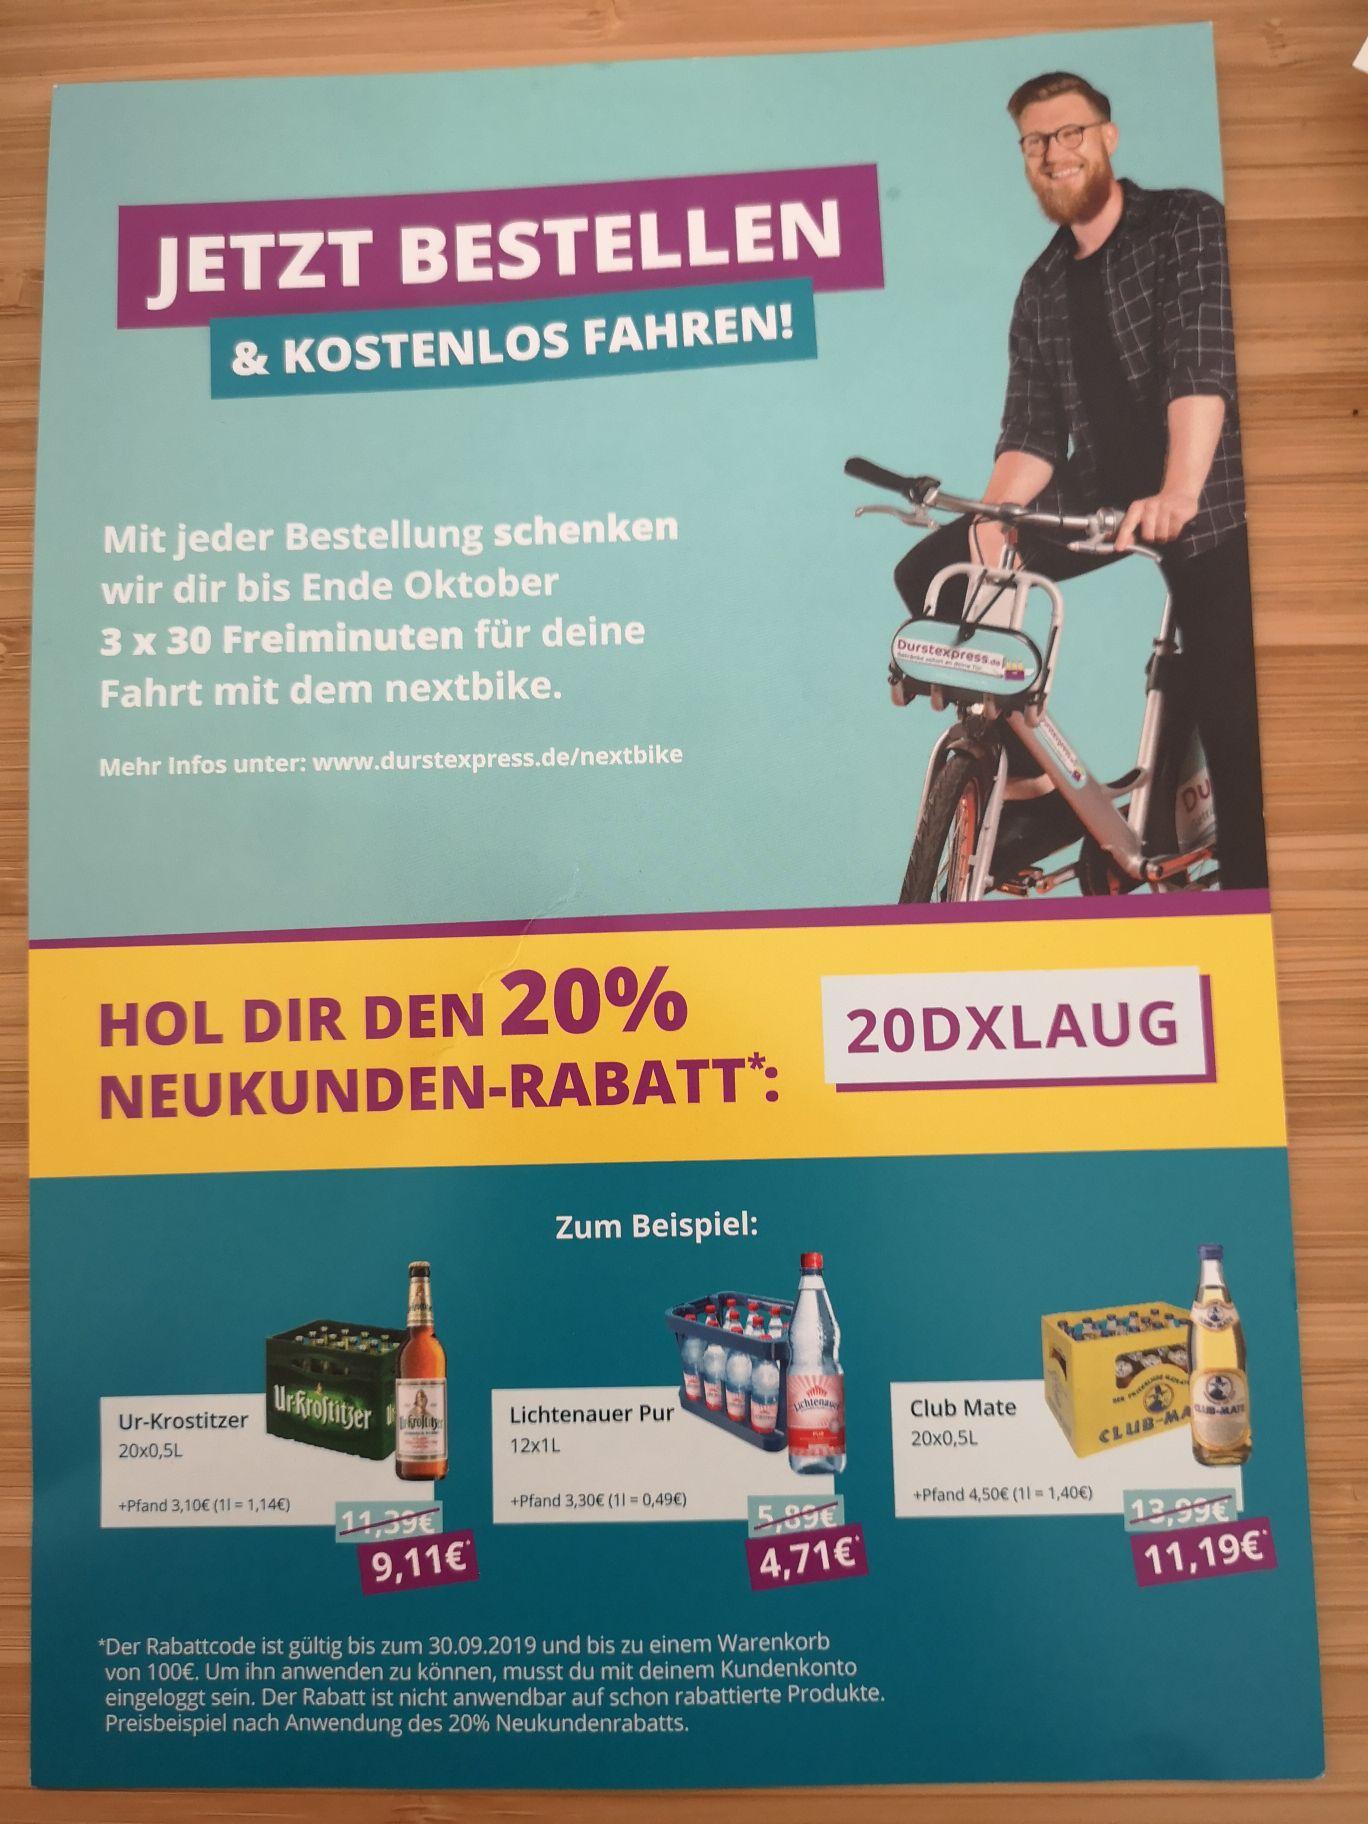 20% Rabatt für Neukunden bei Durstexpress Leipzig [Lokal]